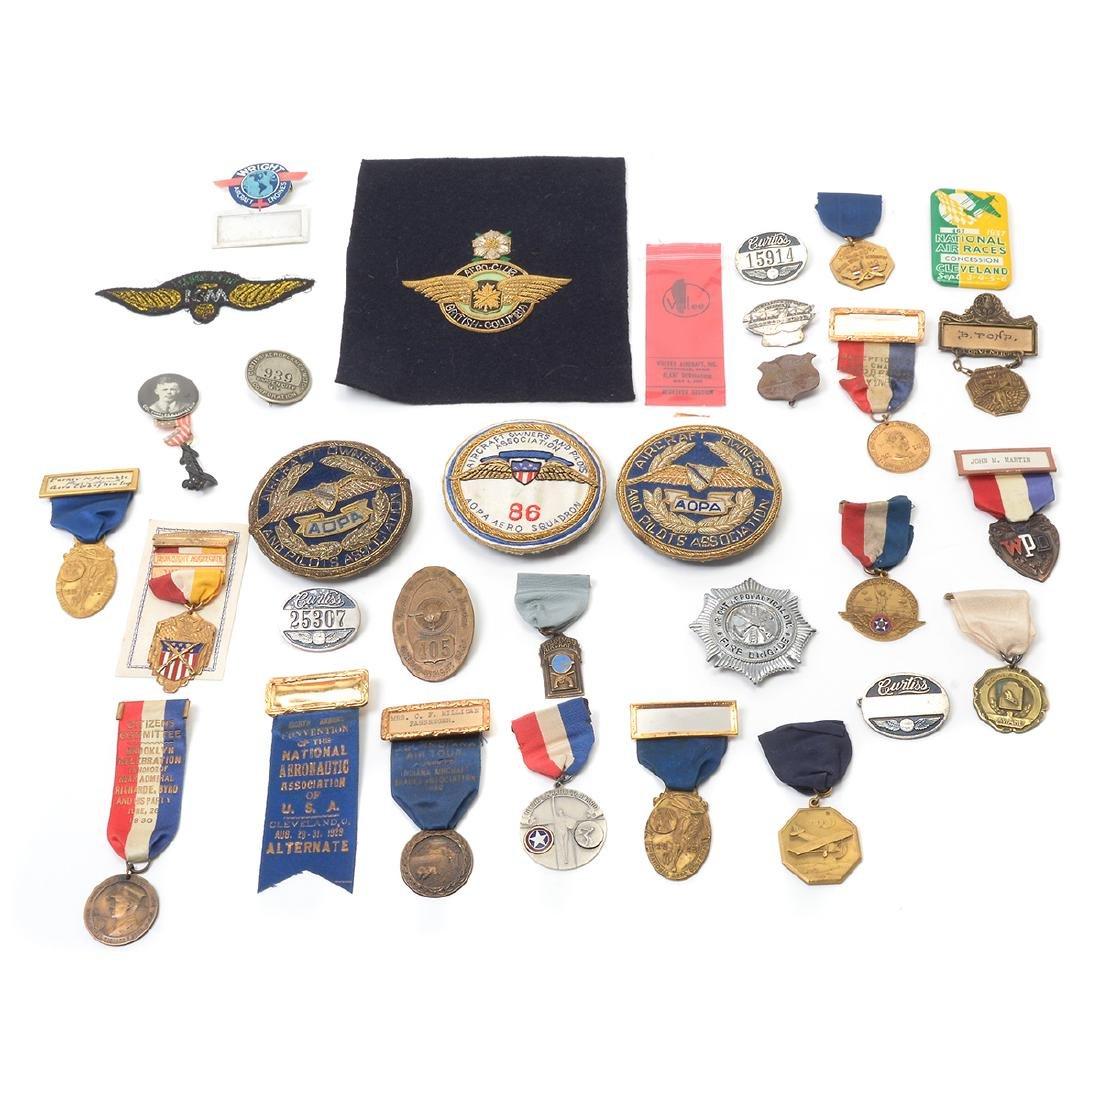 Assortment of Aviation Memorabilia